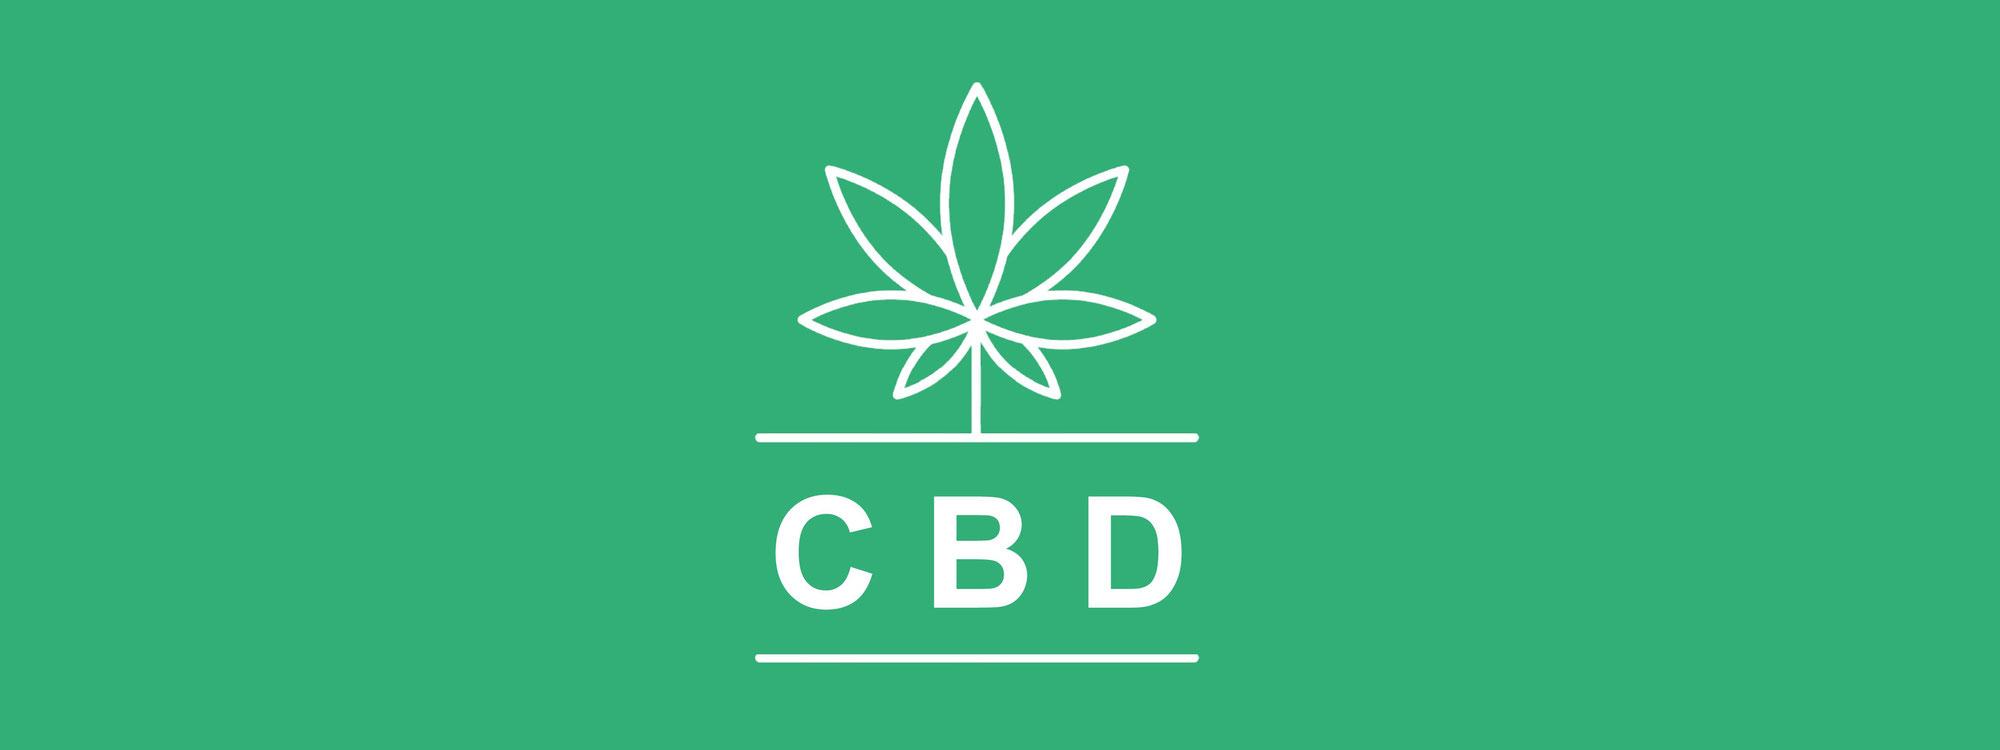 Le CBD c'est quoi ?